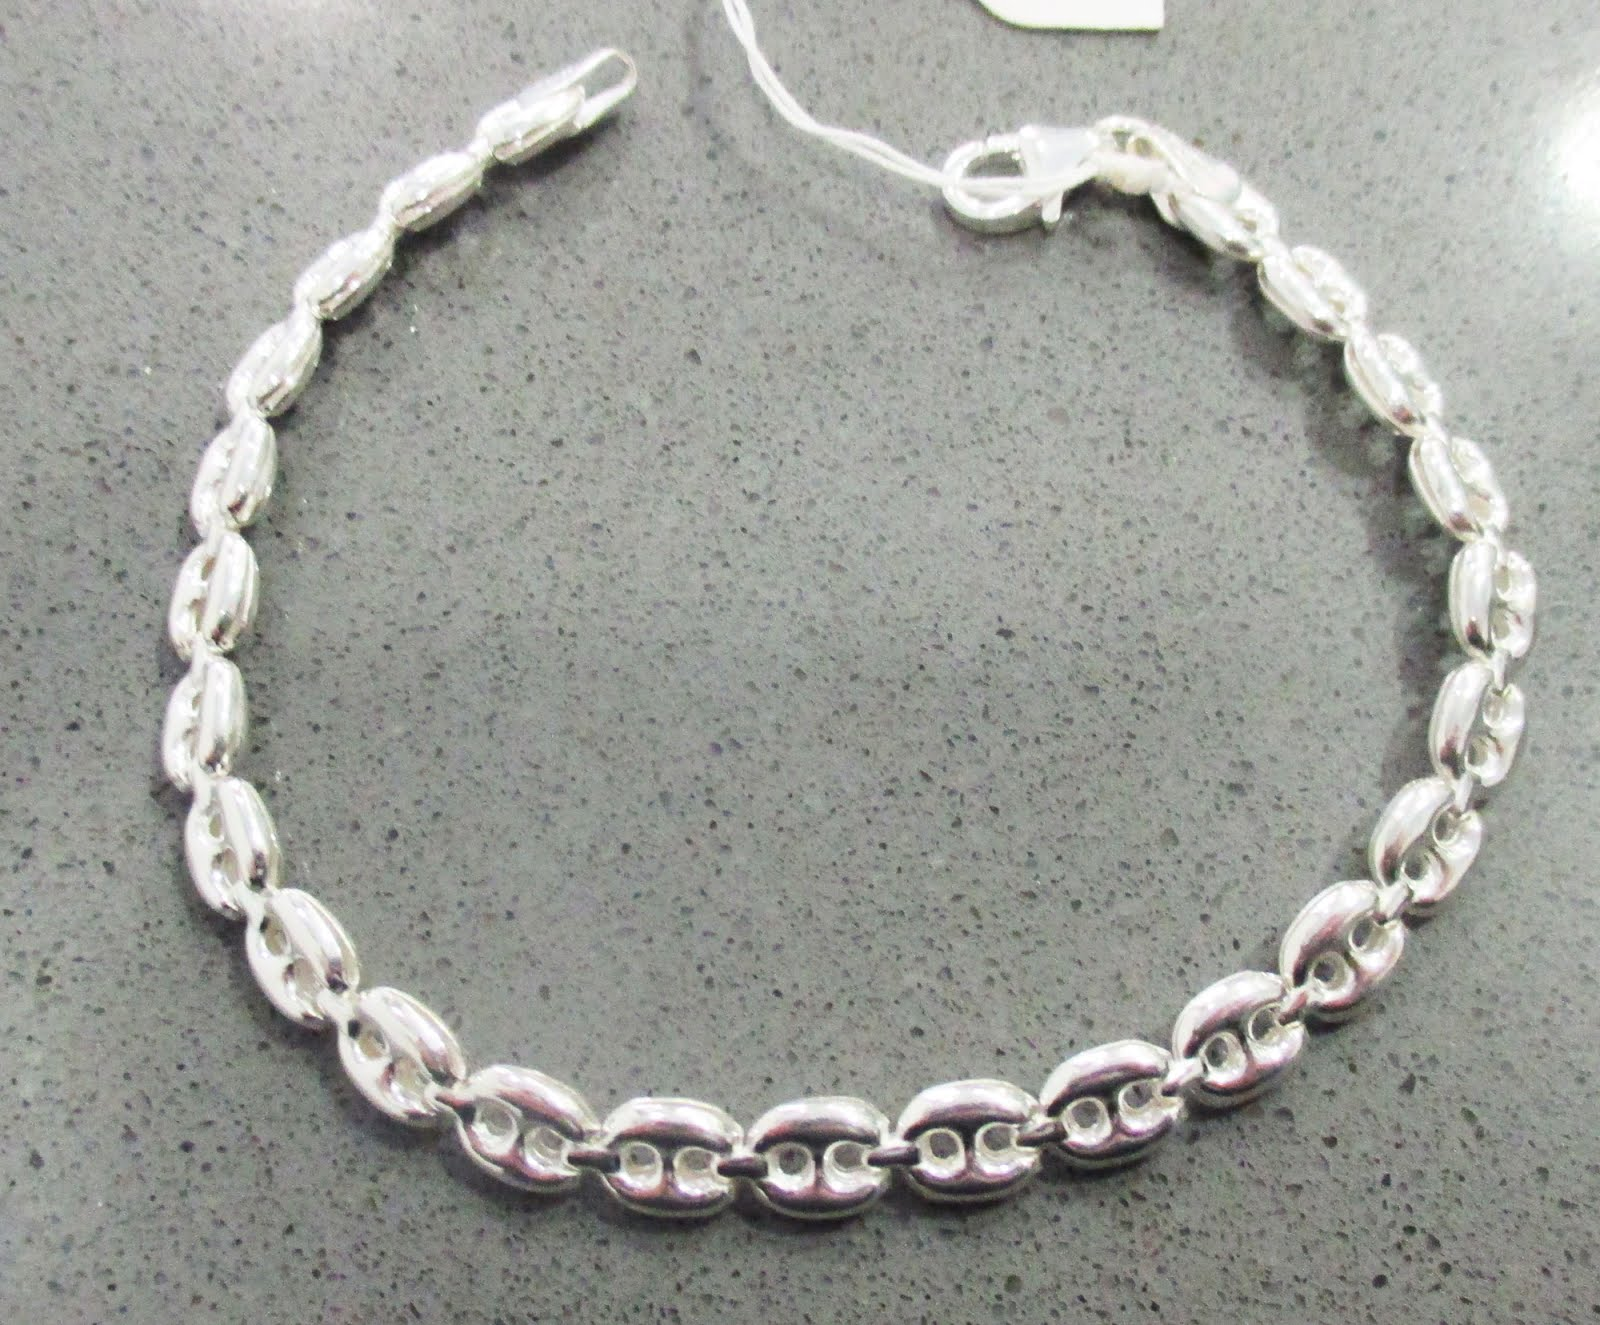 Pulsera de plata de calabrote